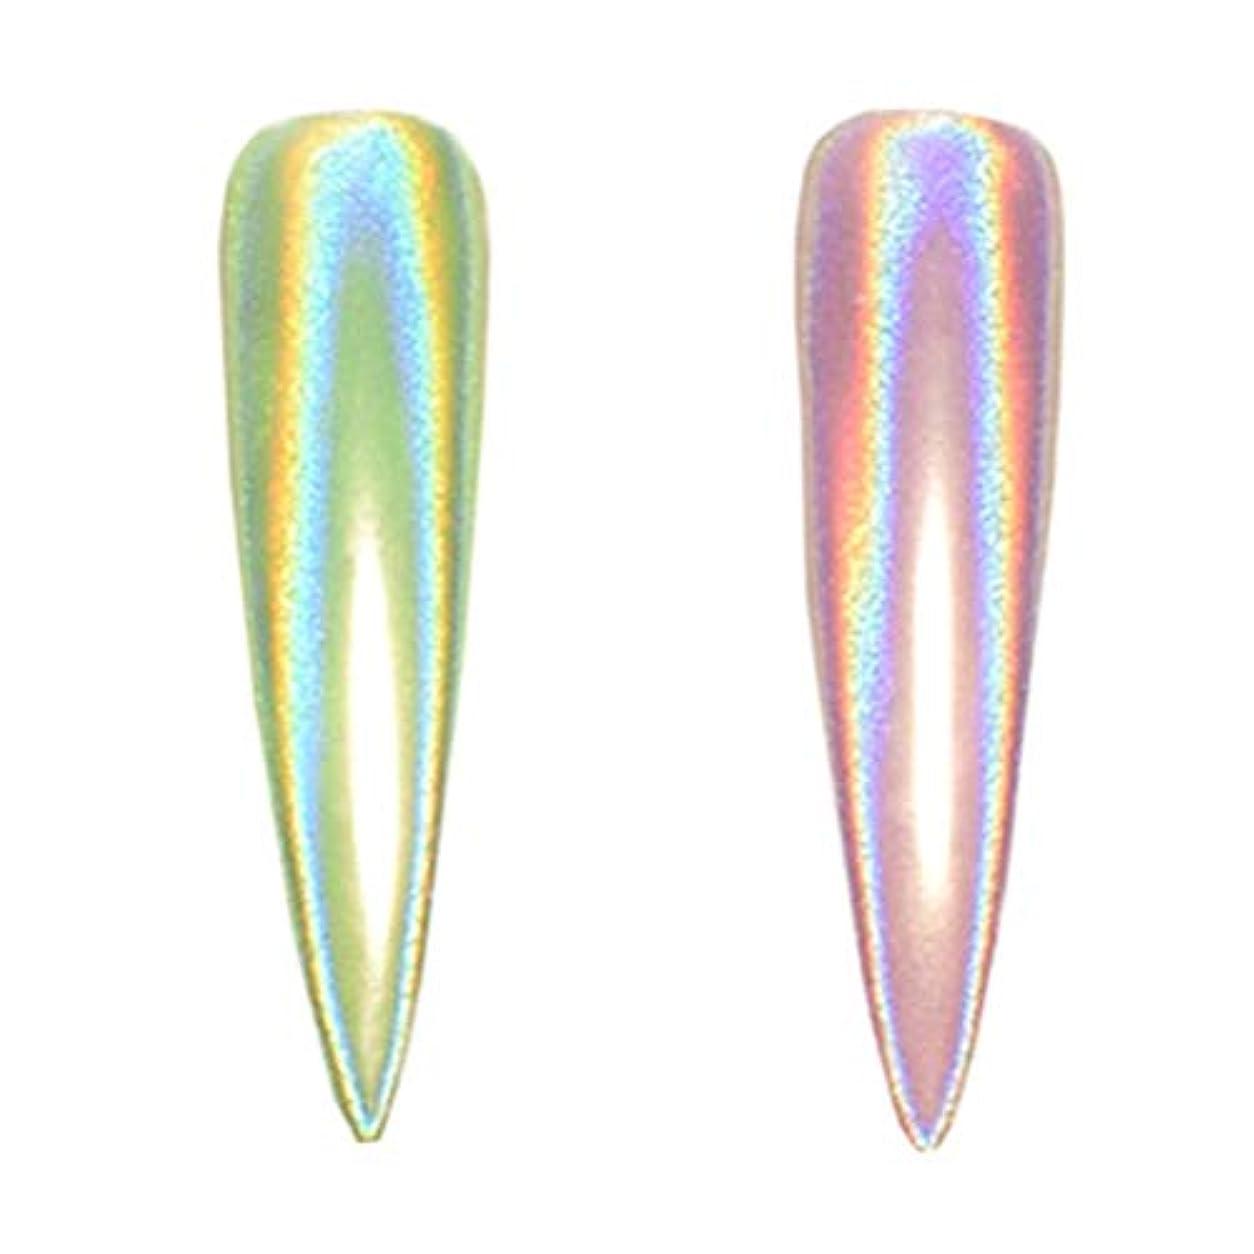 多様な補足興奮するYoshilimen カラフルな1 pcカラフルネオンユニコーンミラーパウダーネイルアートマーメイドフラッシュ(None 1)